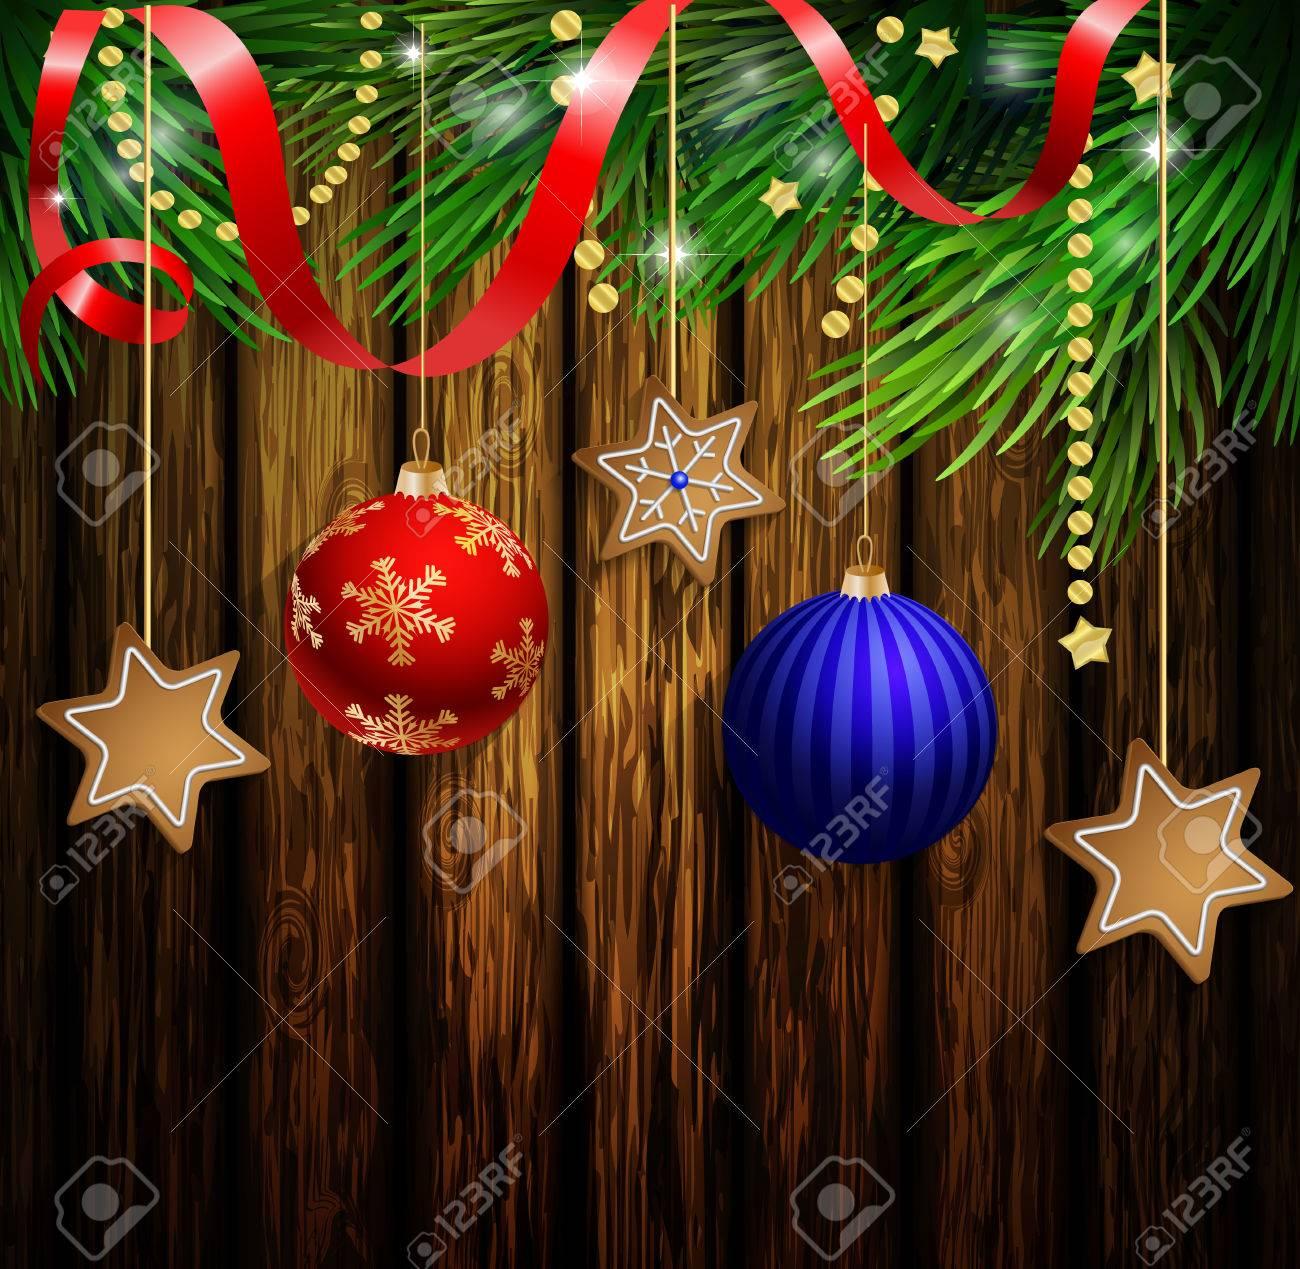 Weihnachtsbaum schleifen braun